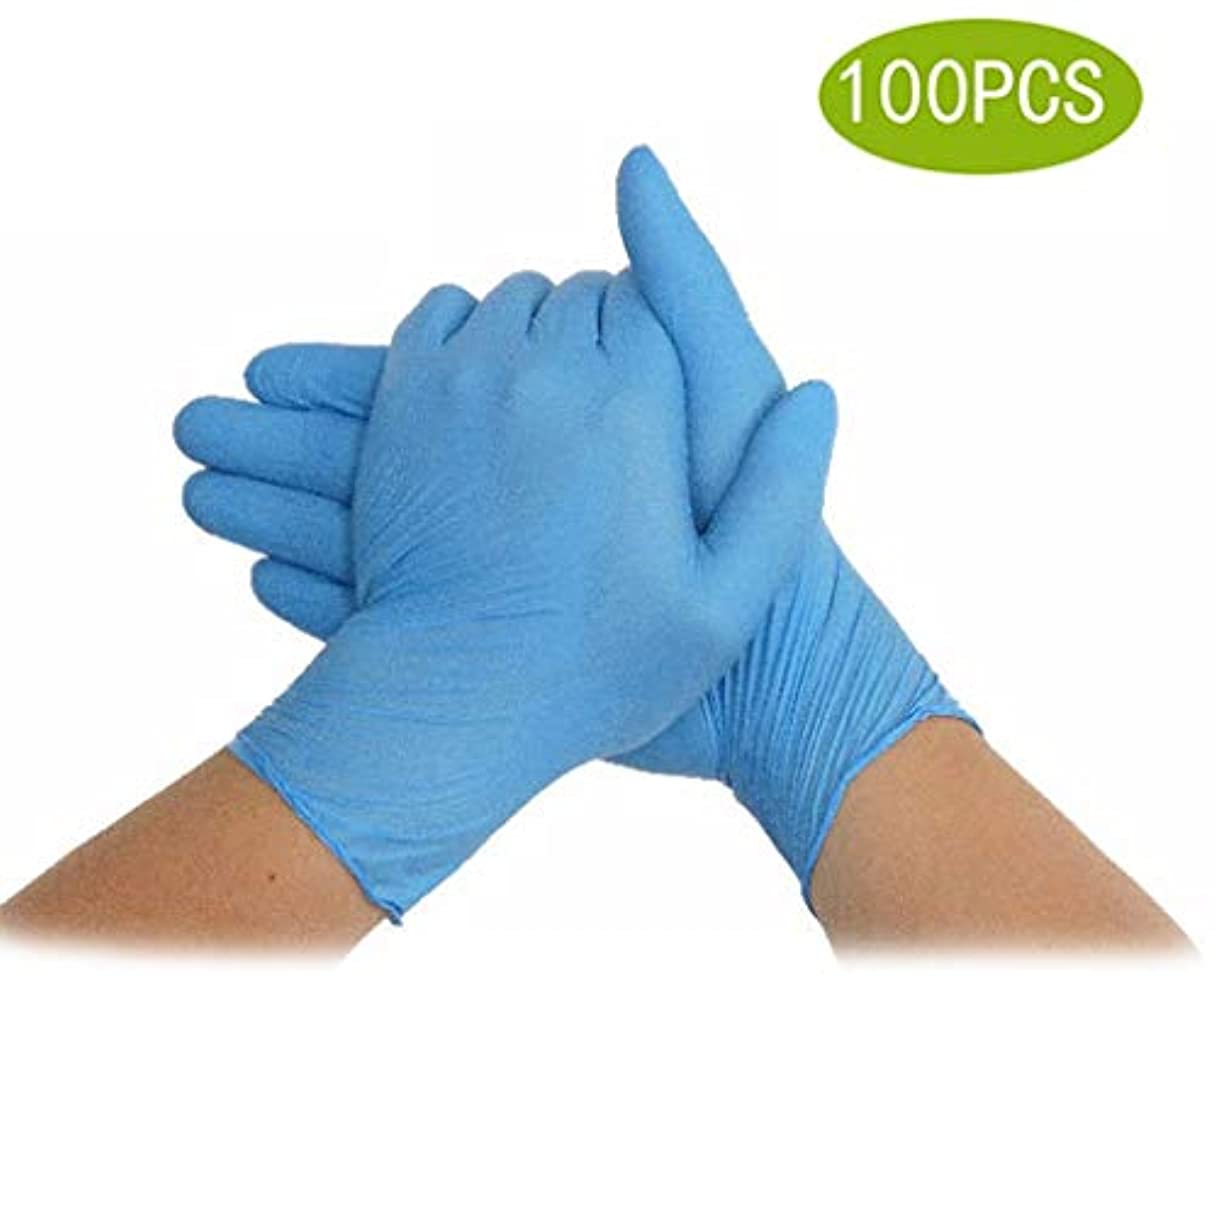 仲介者ライオネルグリーンストリート賭け9インチ使い捨て手袋軽量安全フィットニトリル手袋ミディアムパウダーフリーラテックスフリーライト作業クリーニング園芸医療用グレードタトゥーメディカル試験用手袋100倍 (Size : S)